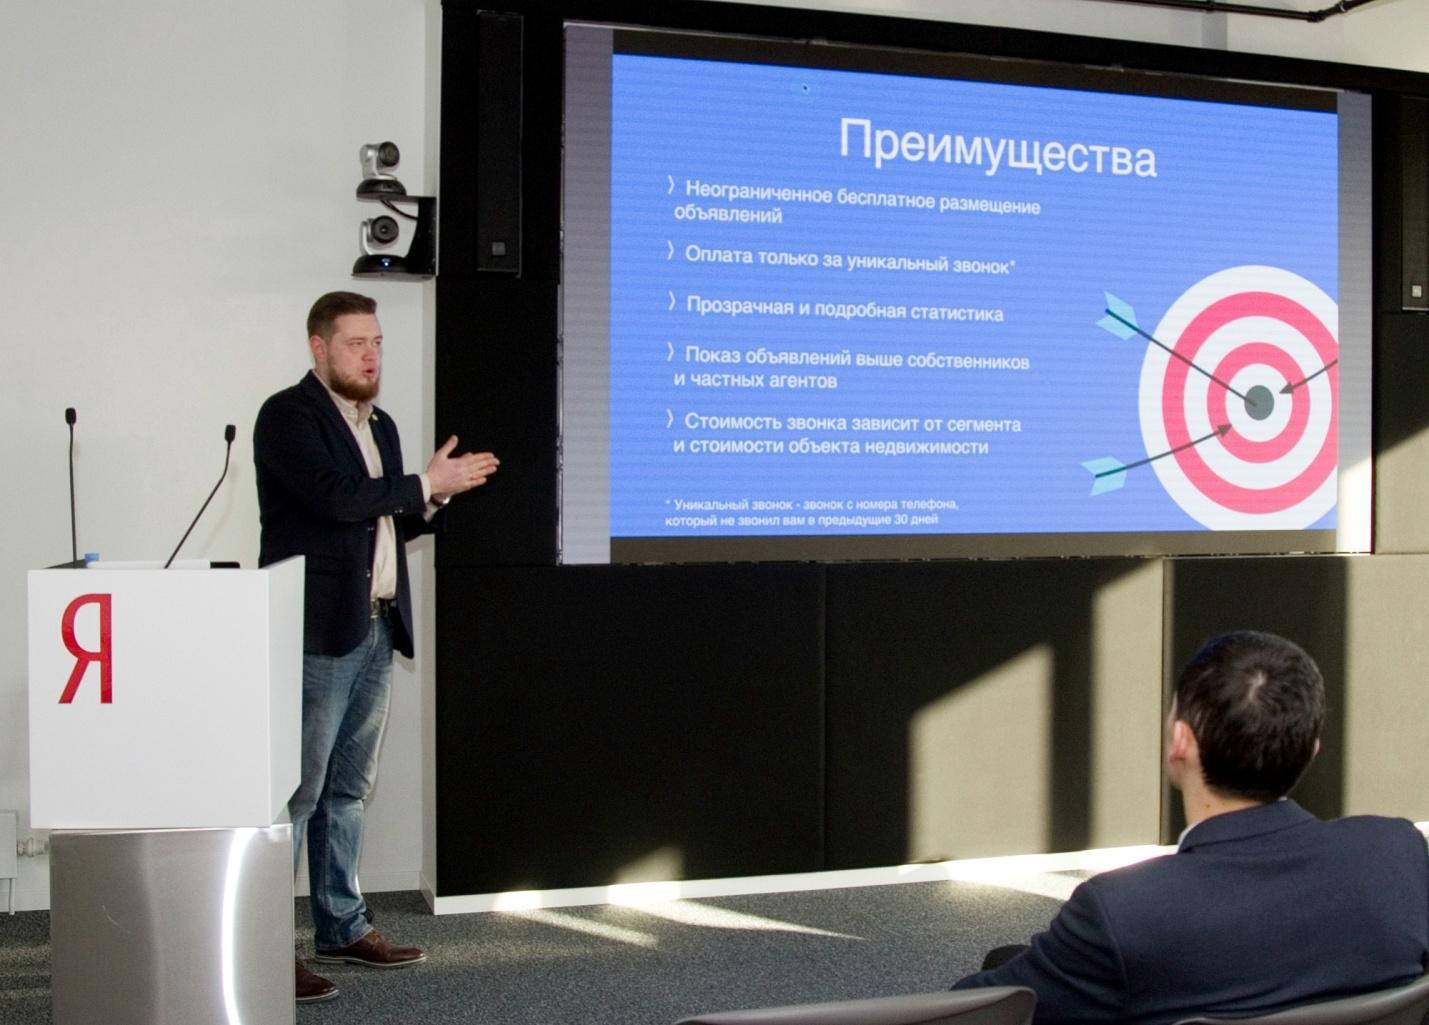 C:\_Рабочая папка\@ Мои новые достижения\Пресс-центр\Сайт - раздел Новости\Яндекс Завтрак\JPEG\output\Фото 0.jpg